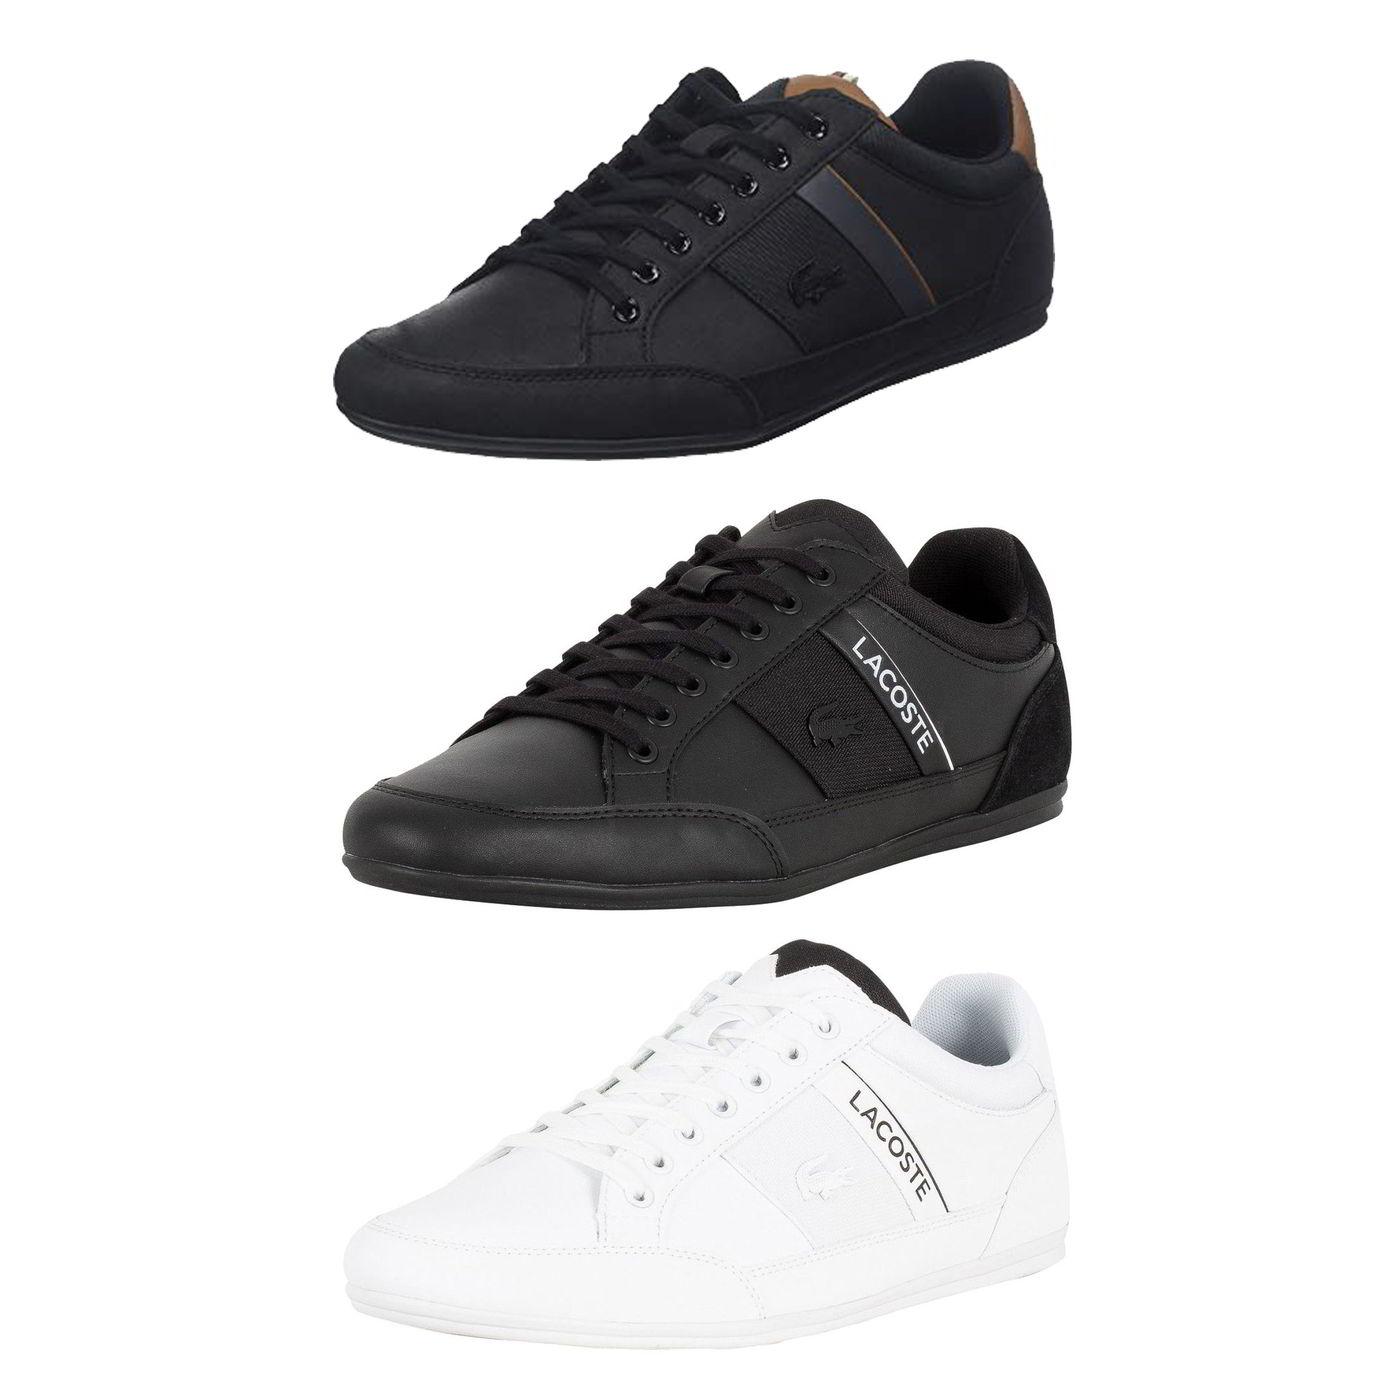 2e1f1f084a Détails sur Lacoste Chaymon Homme Noir Blanc en Cuir à Lacets Baskets  Chaussures Taille 7-11- afficher le titre d'origine